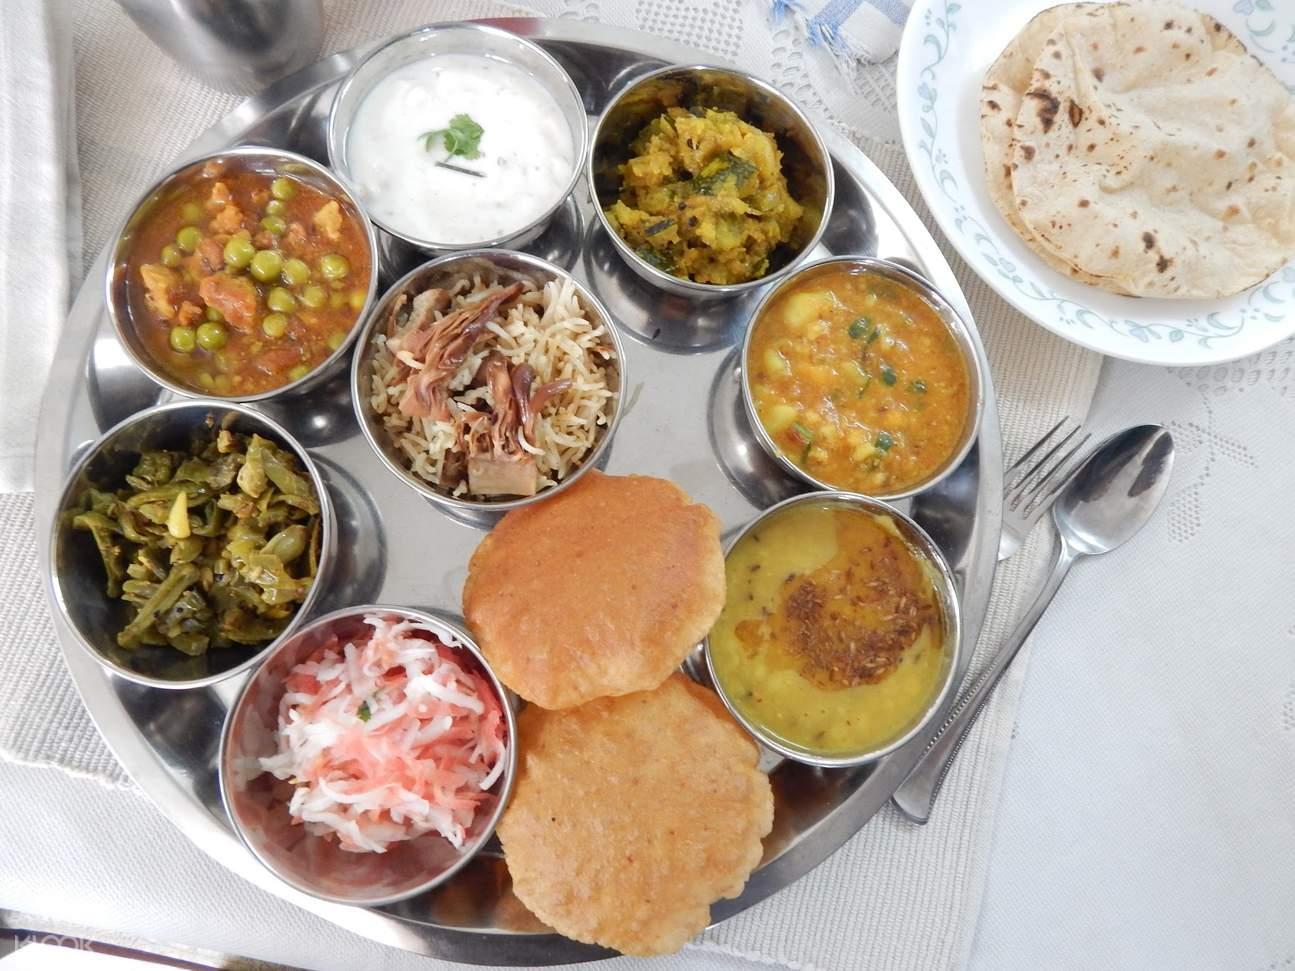 北印度家常菜肴